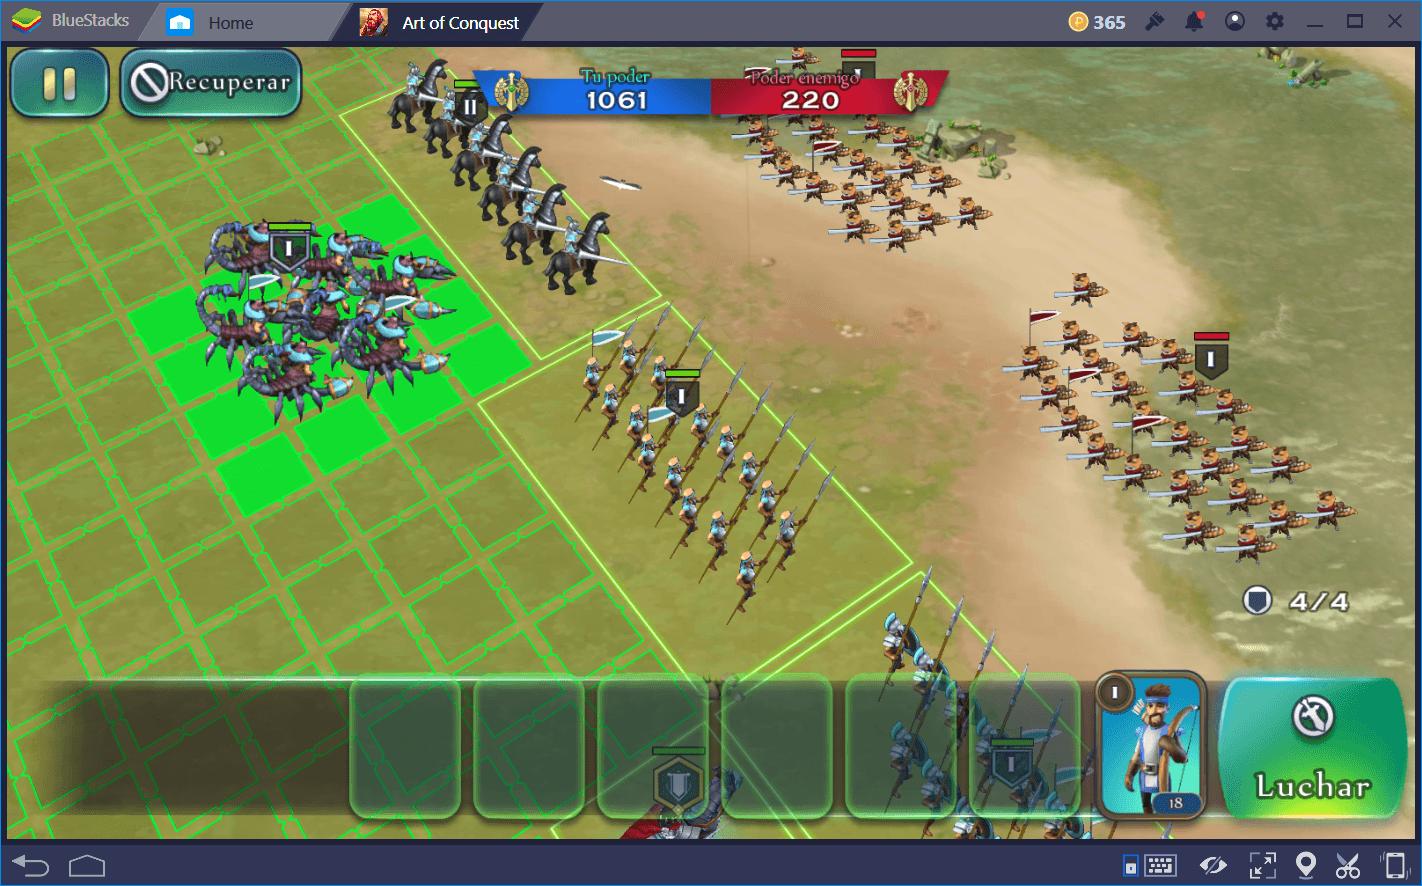 Art of Conquest (AoC): Consejos Para Salir Victorioso en Combate